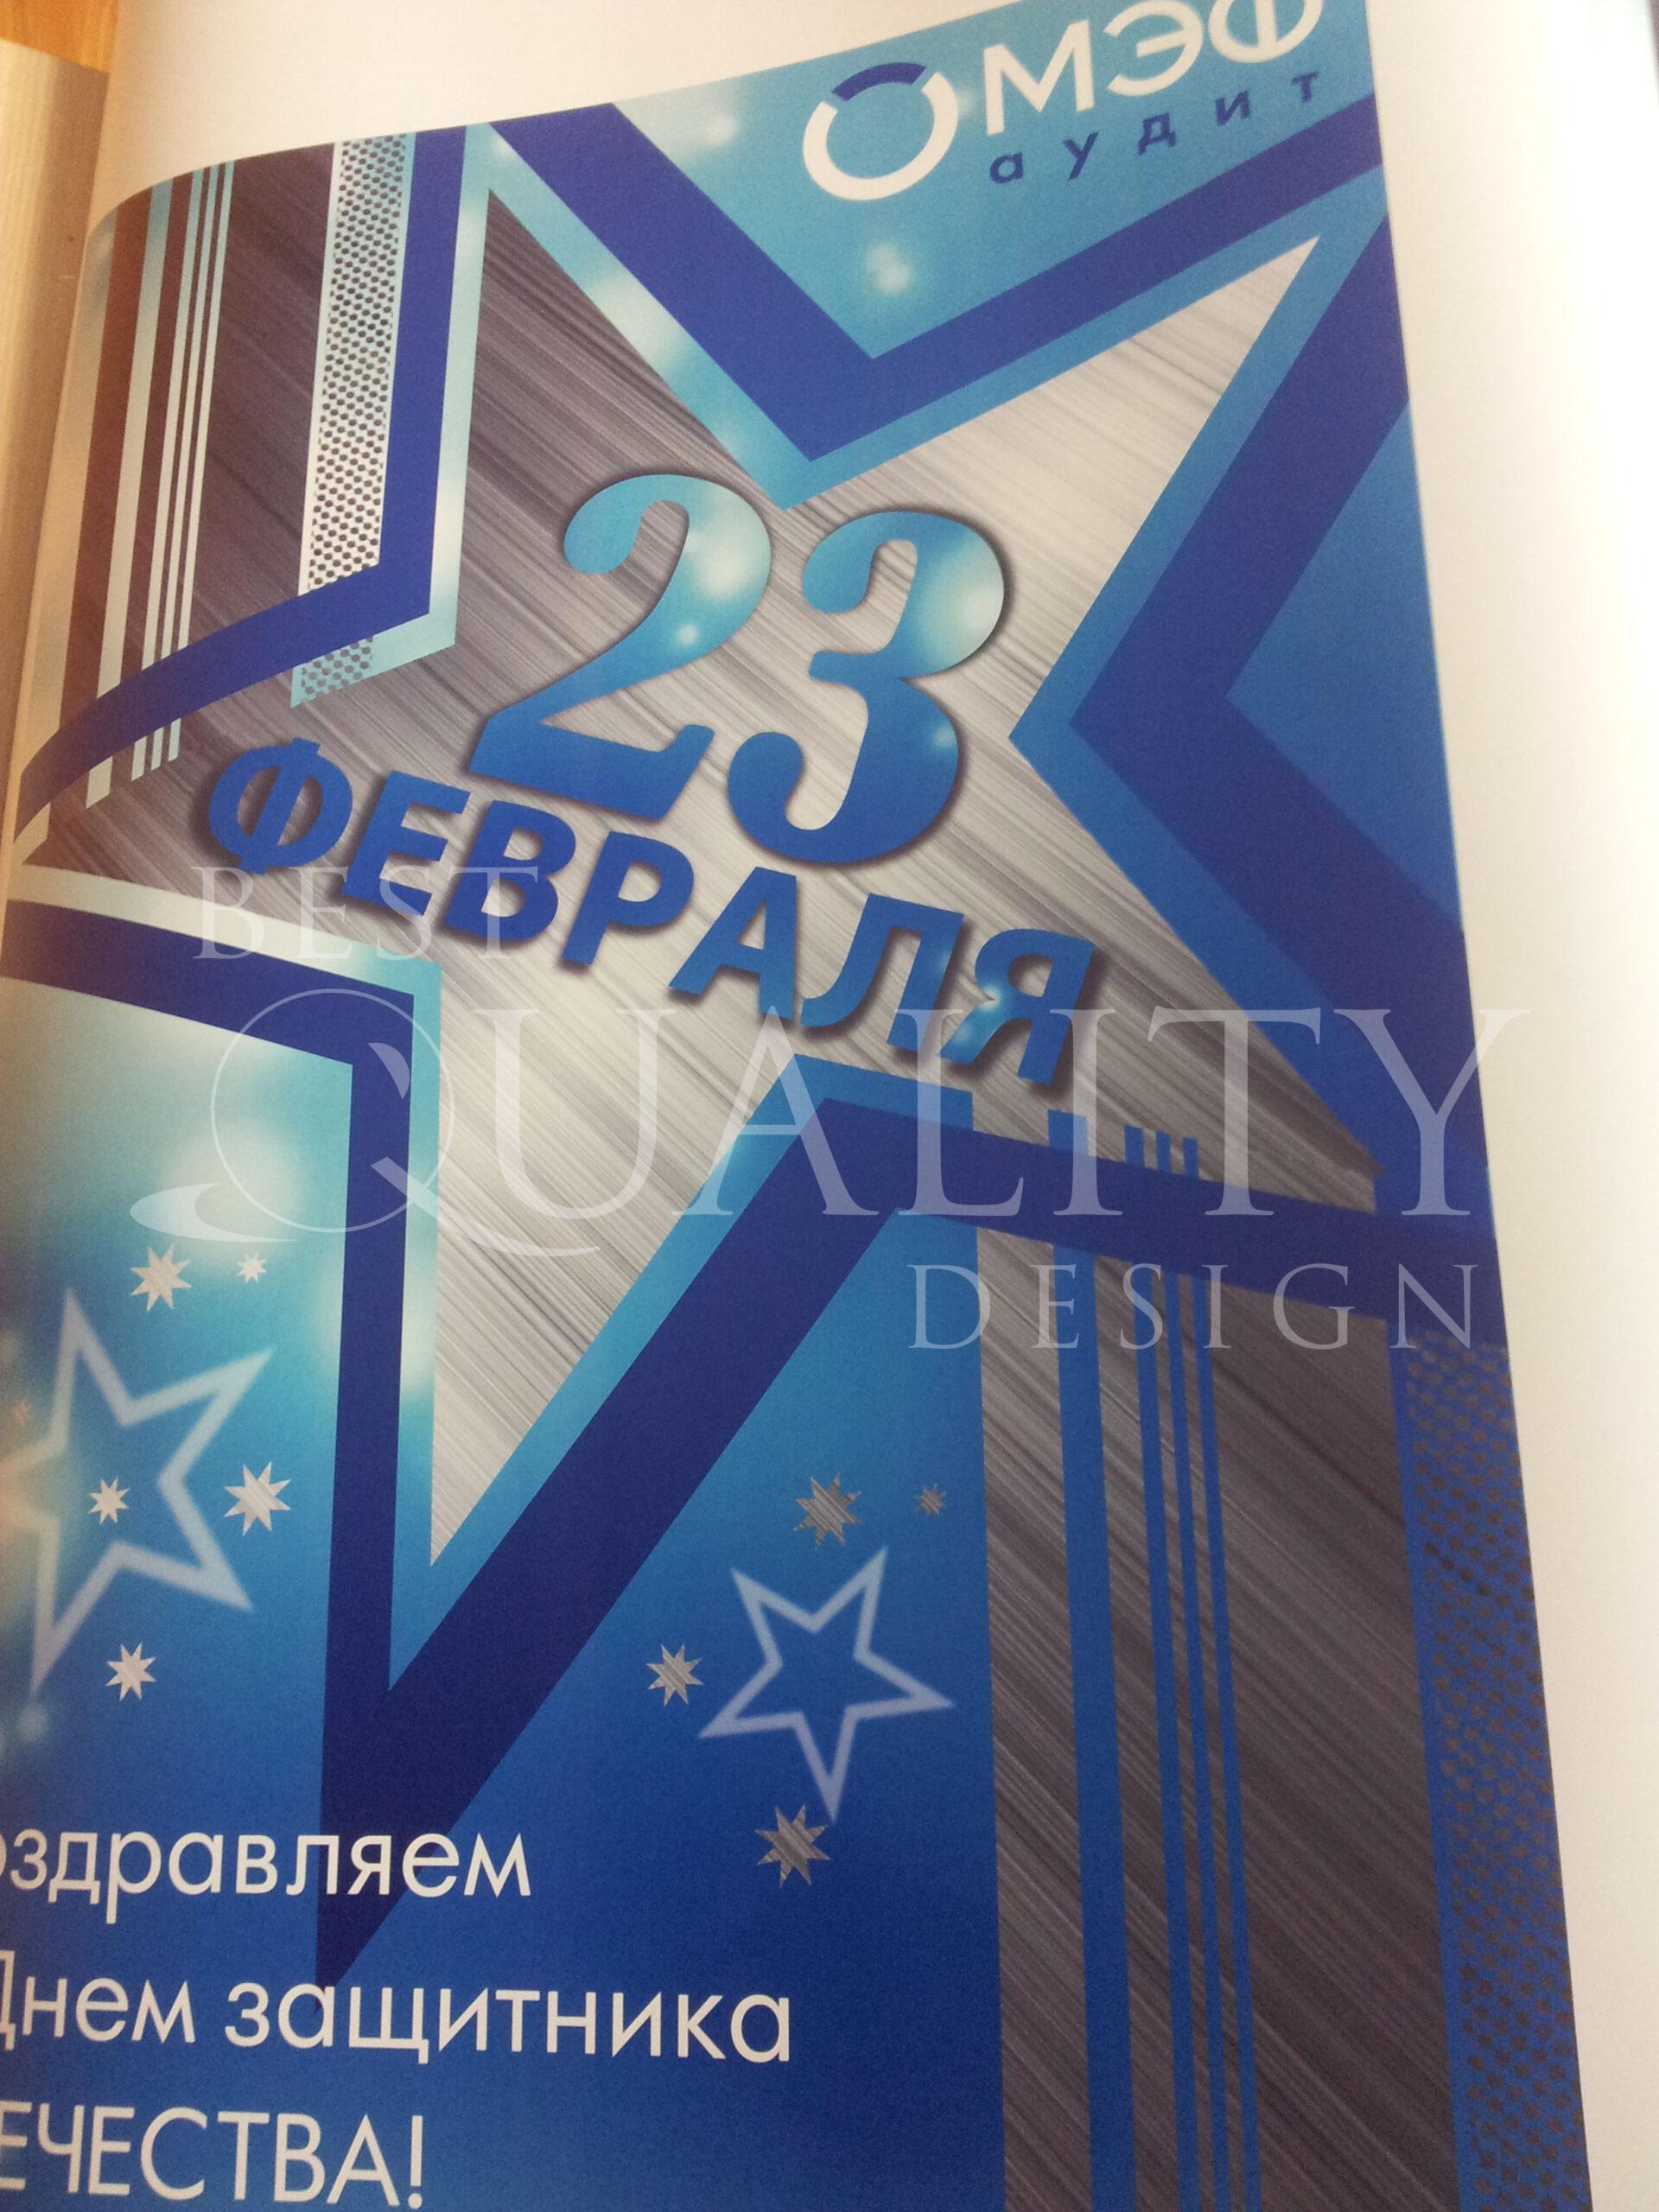 Изготовление плакатов для компании МЭФ Аудит